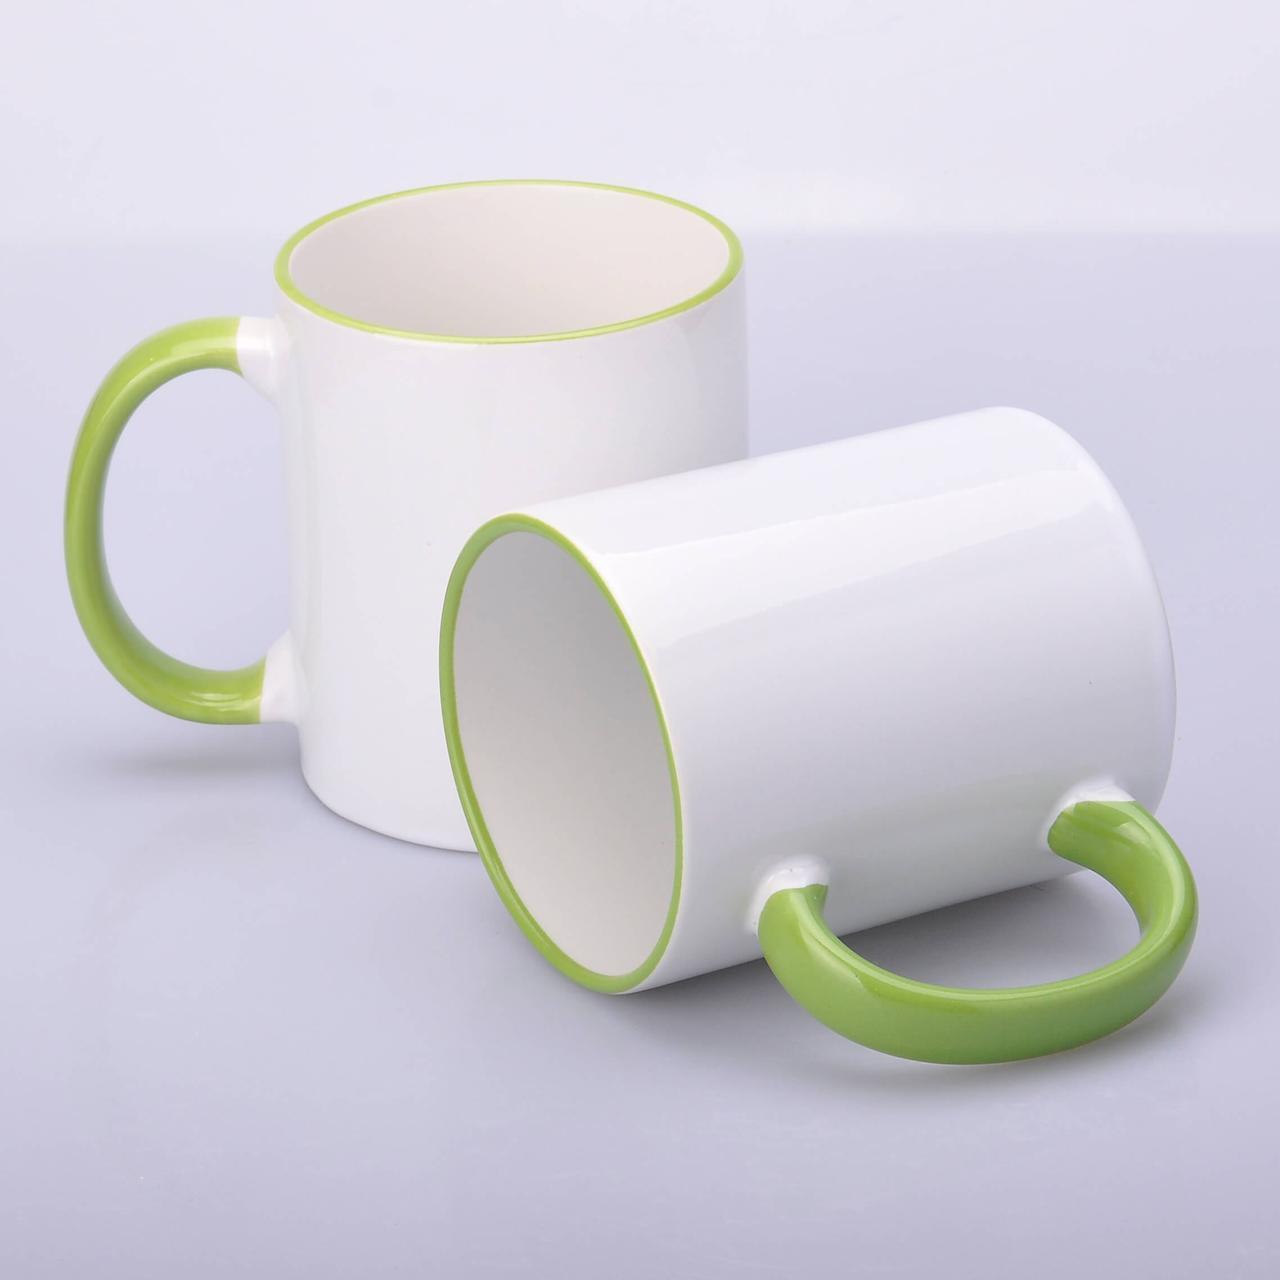 Кружка для сублимации цветной ободок и ручка 330 мл (салатовый)